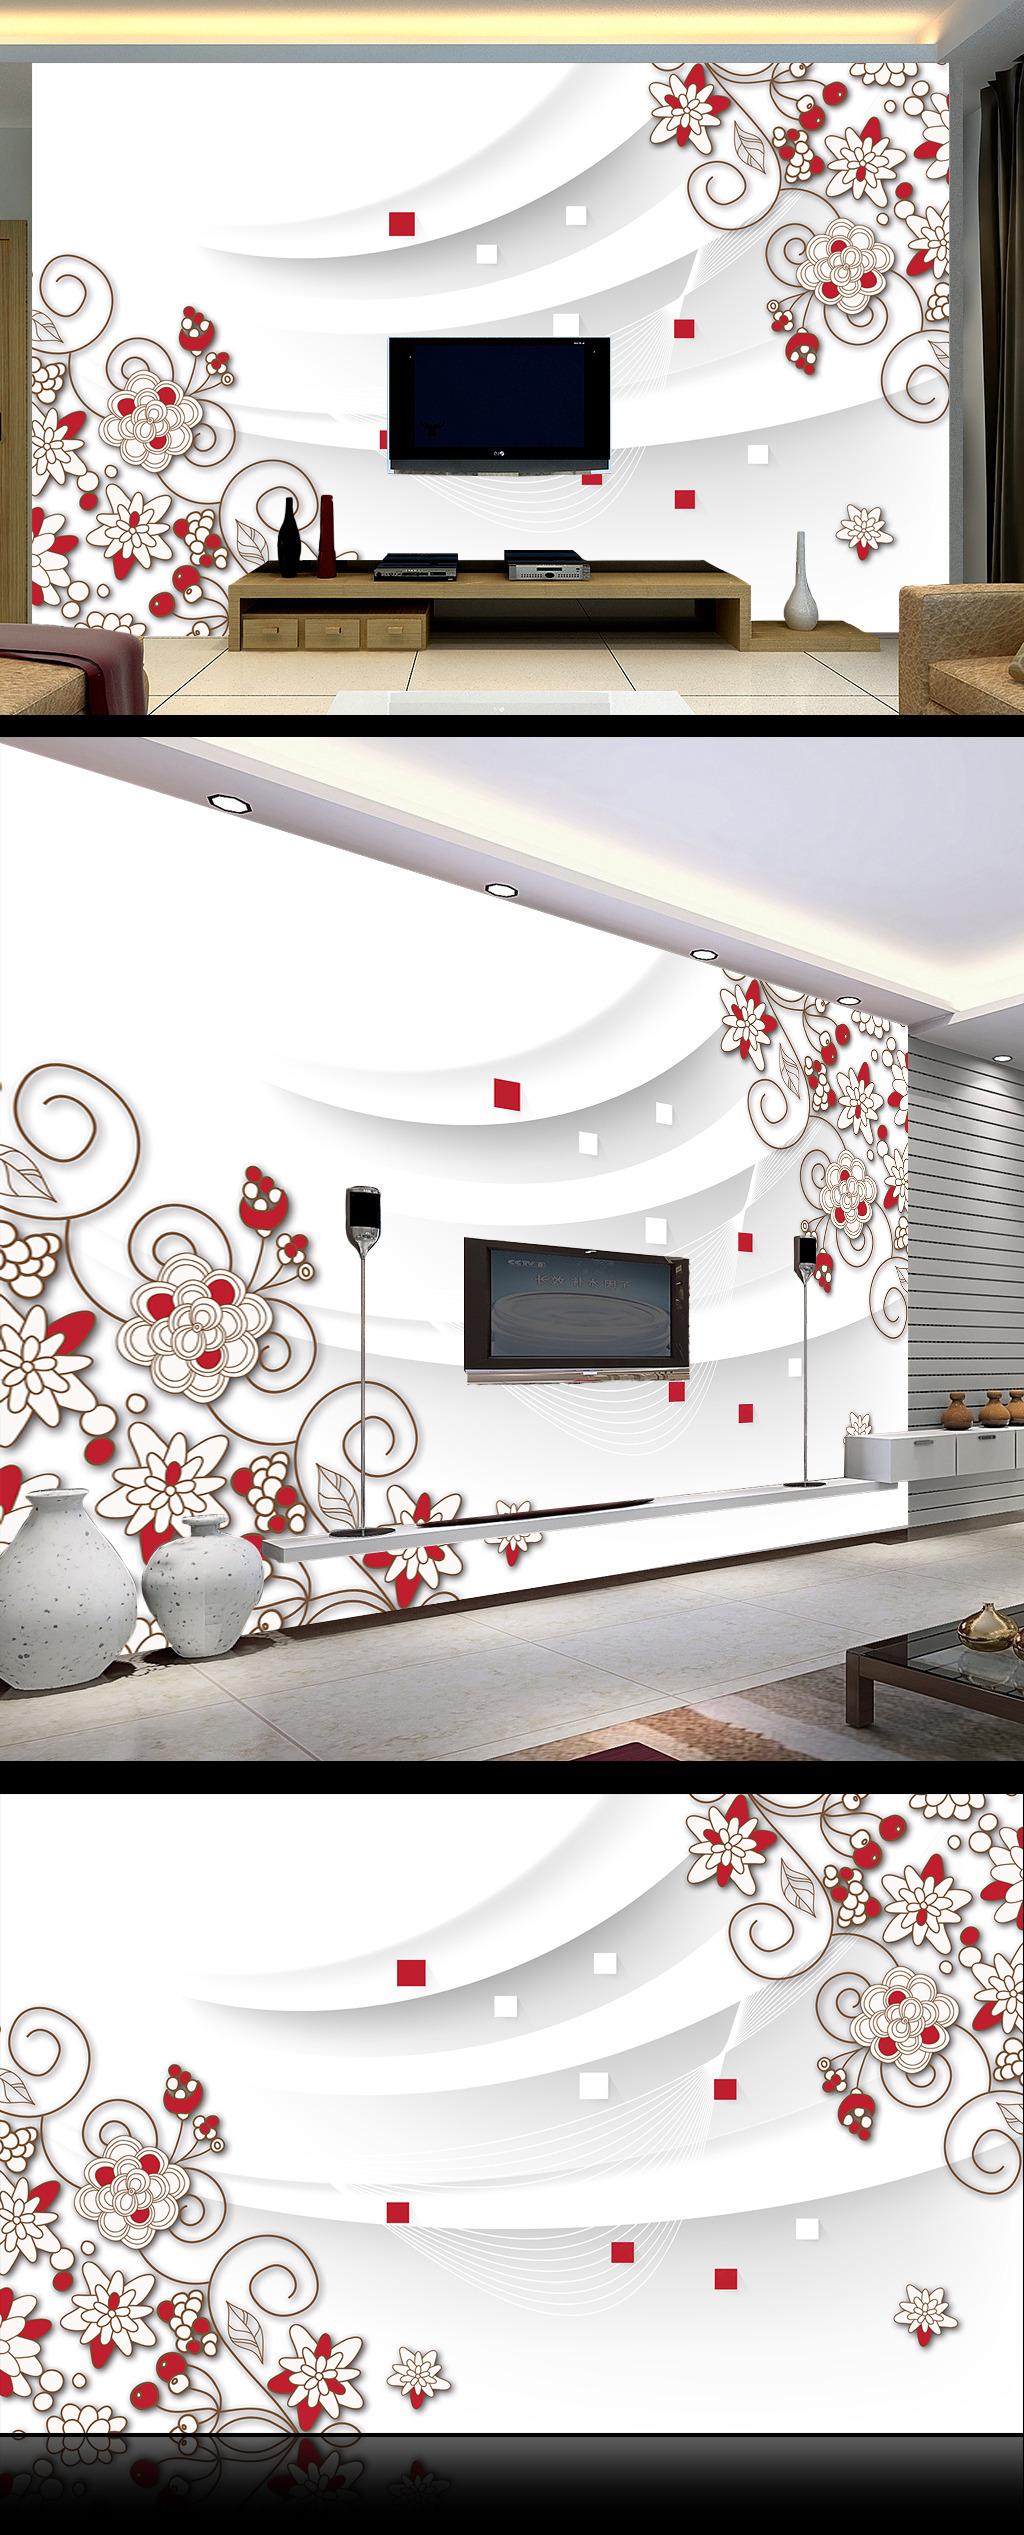 唯美手绘线描花朵3d电视背景墙